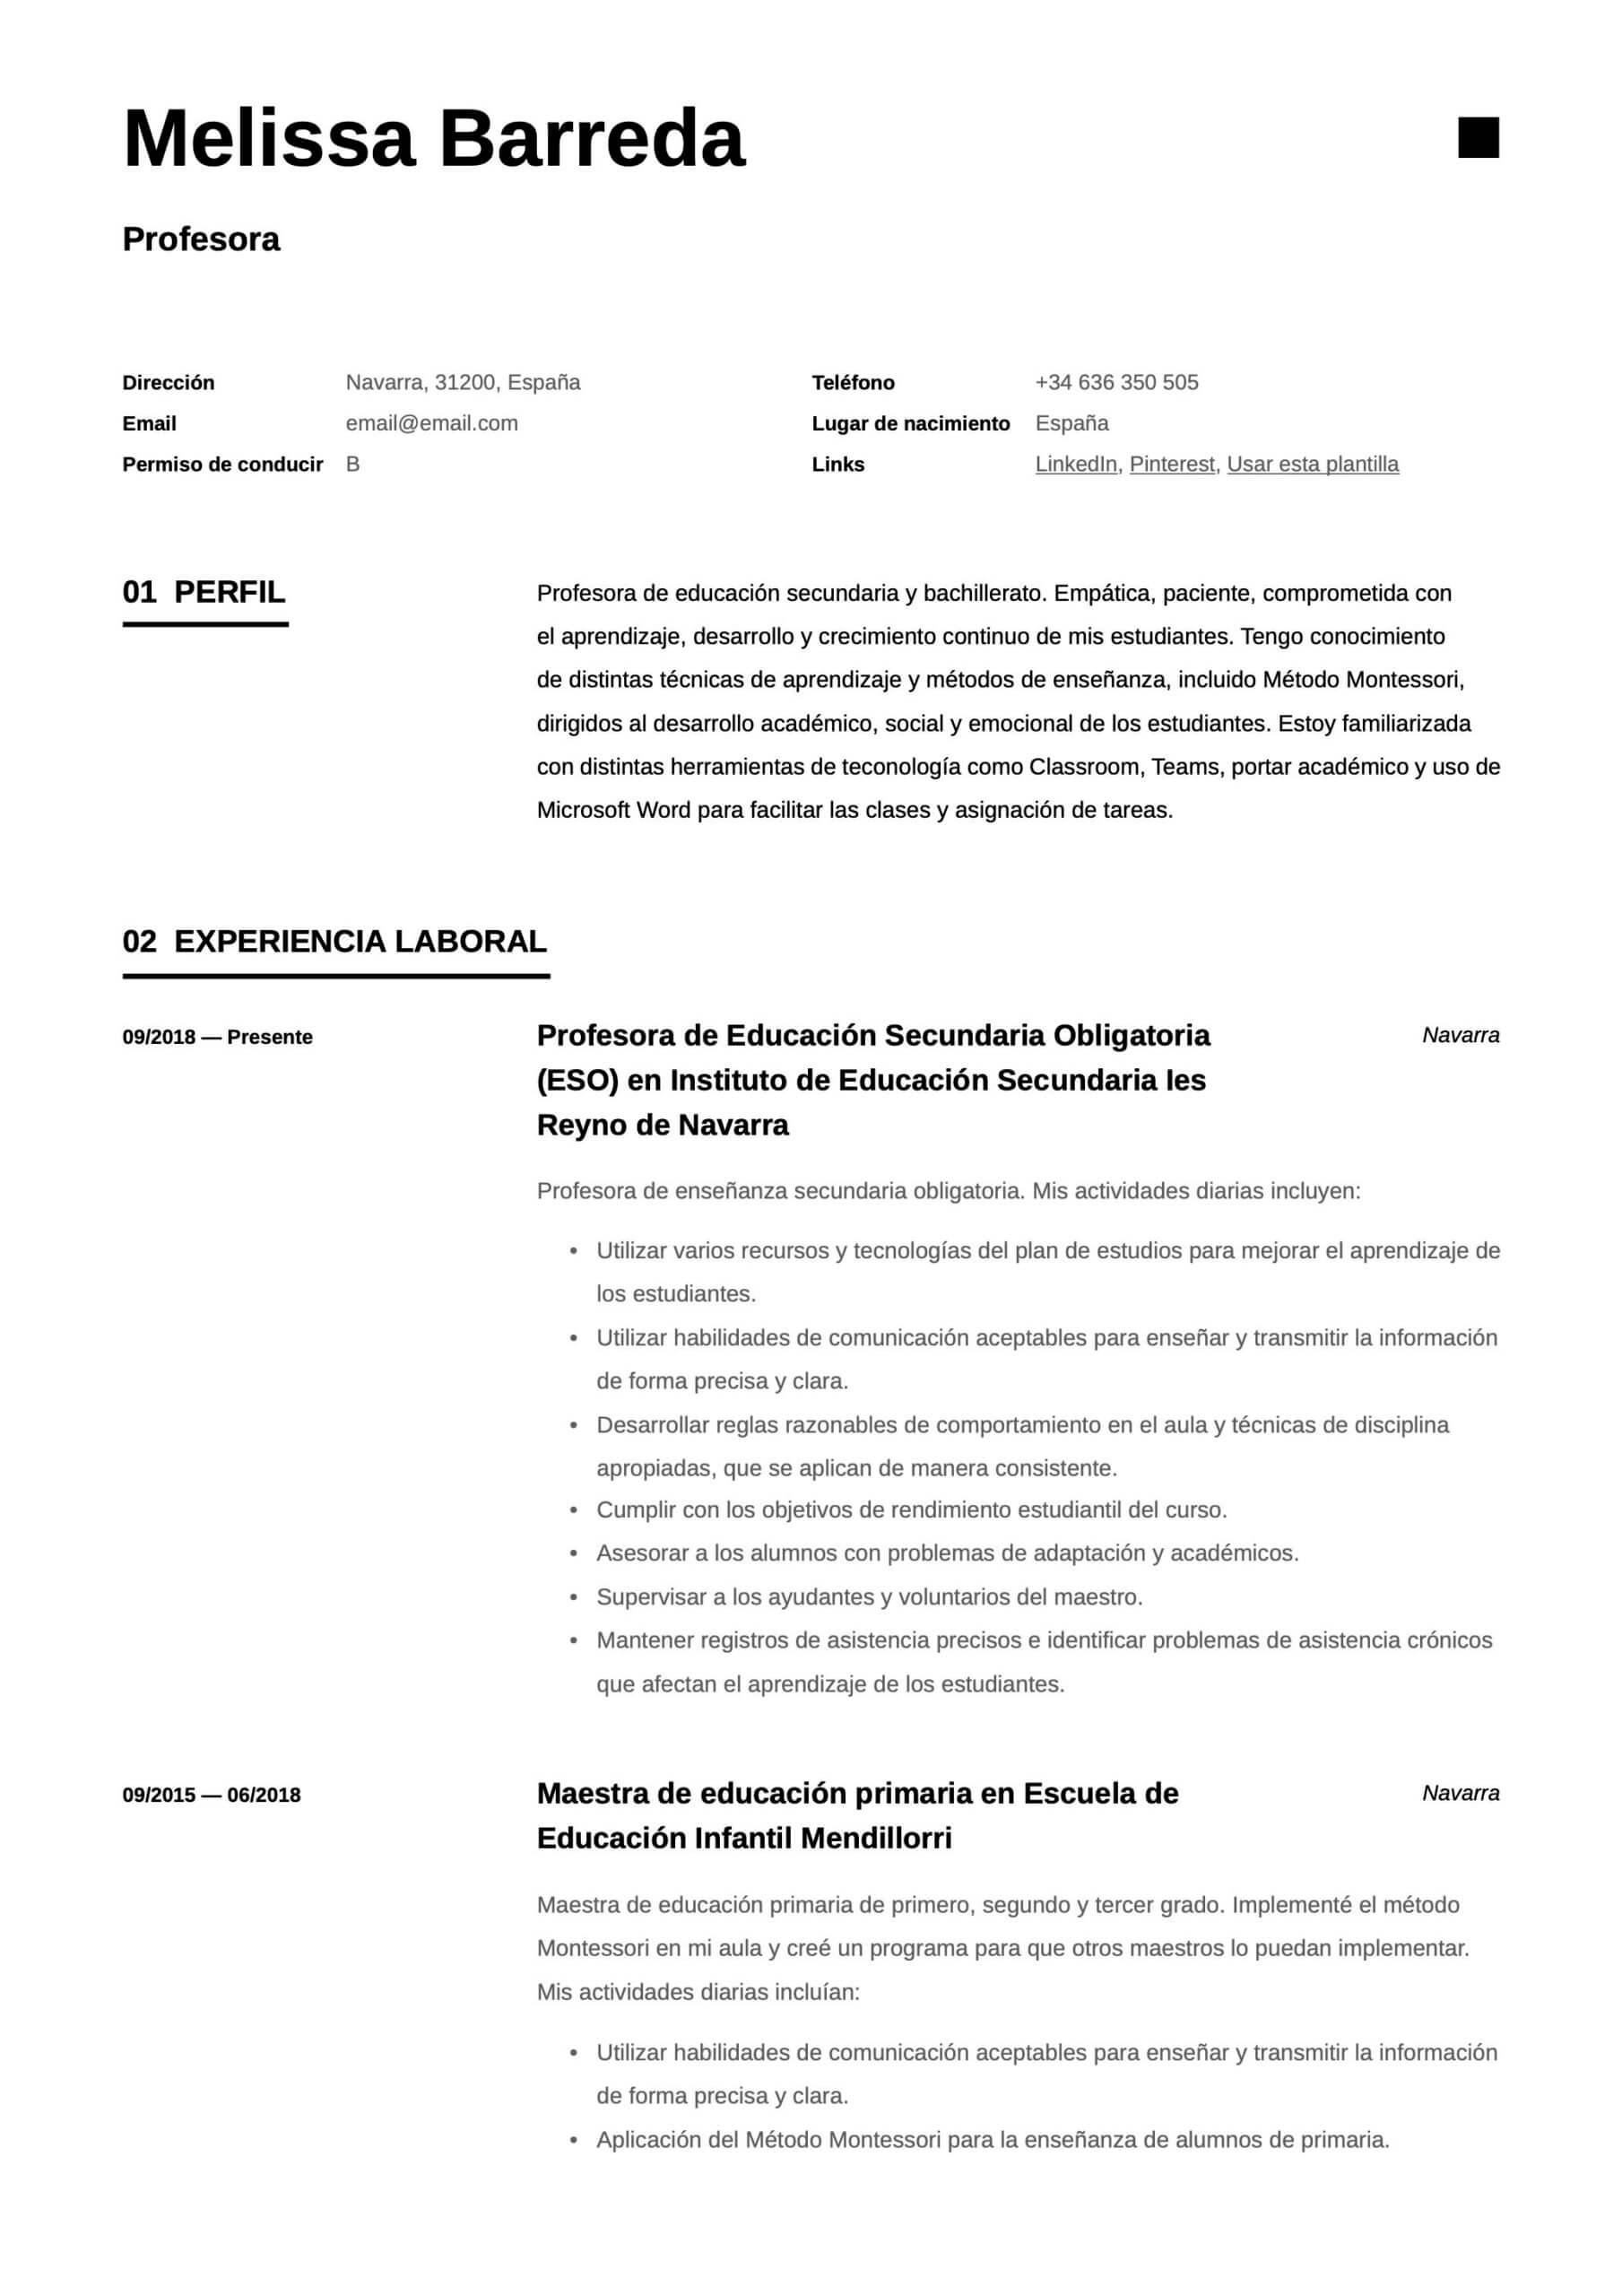 Plantilla de CV para profesor